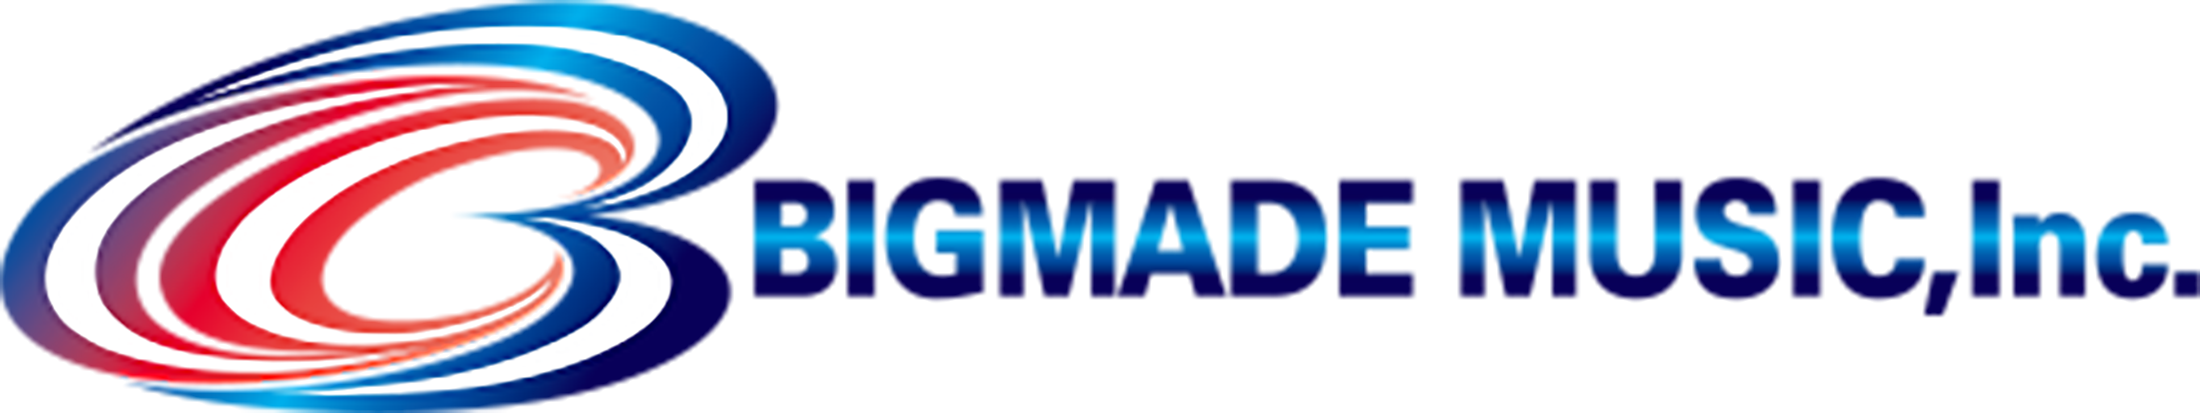 BIGMADE_Web用Logo